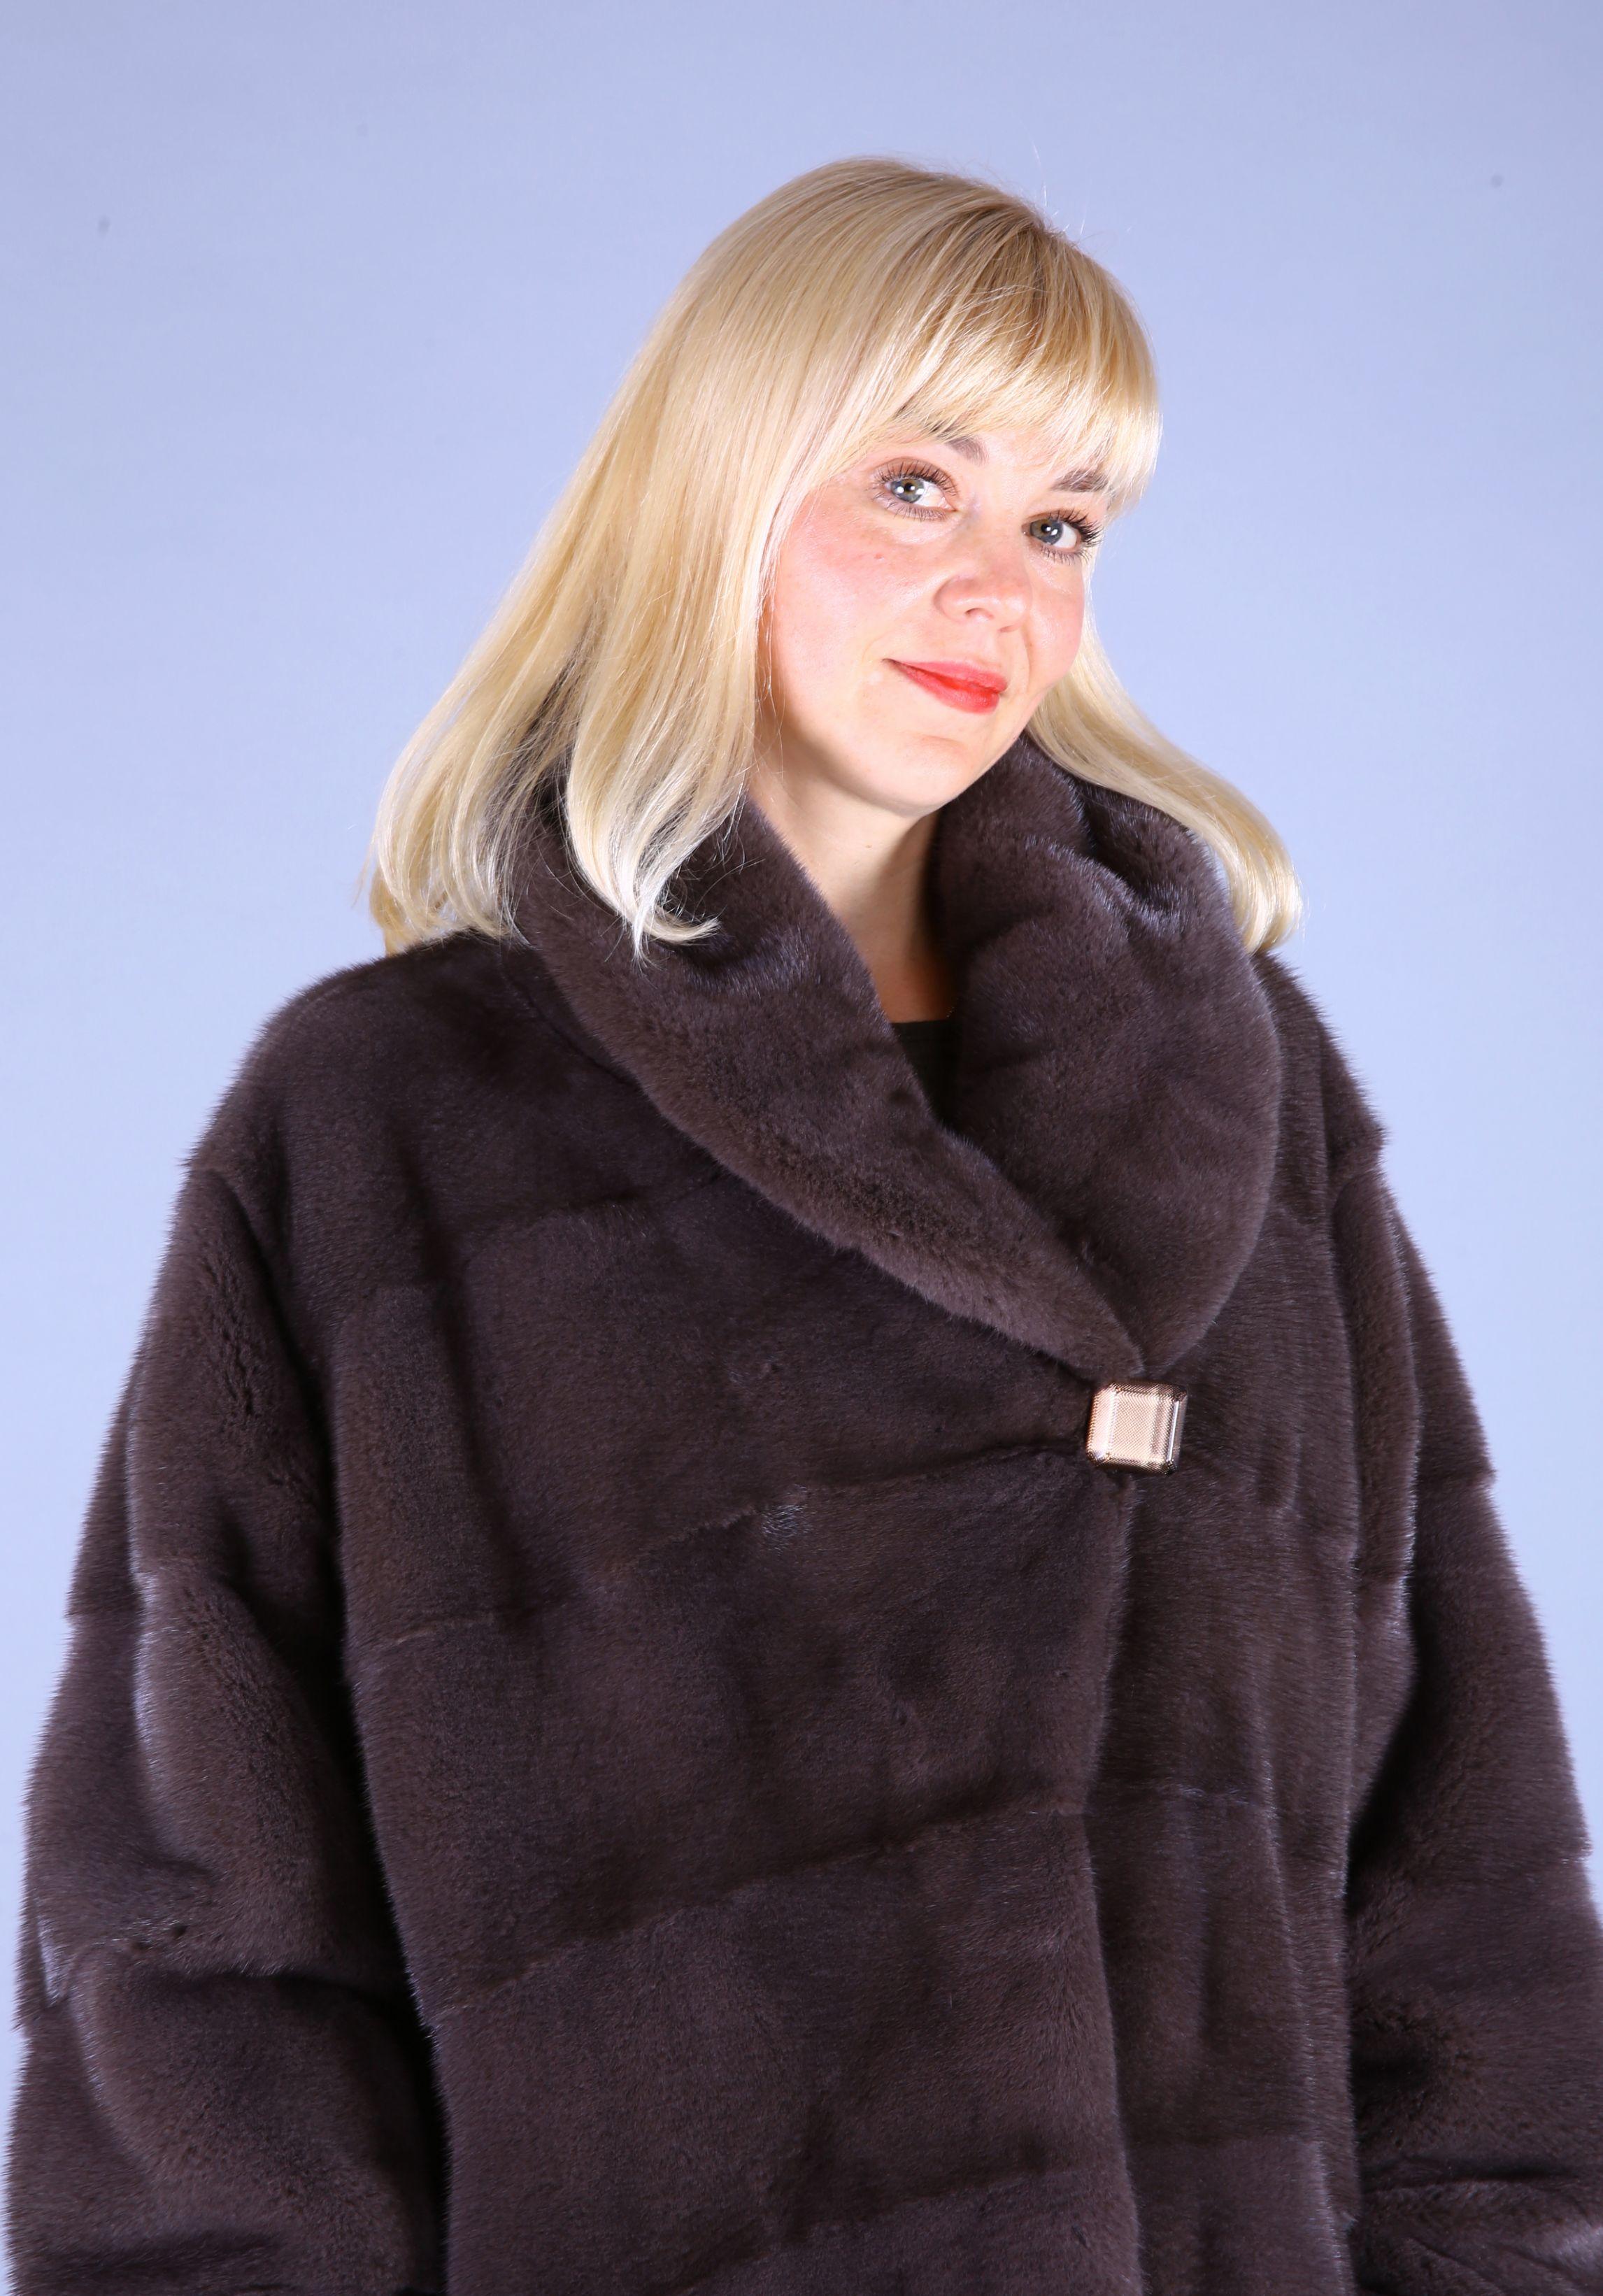 Шуба женская норковая 7517 фото №1